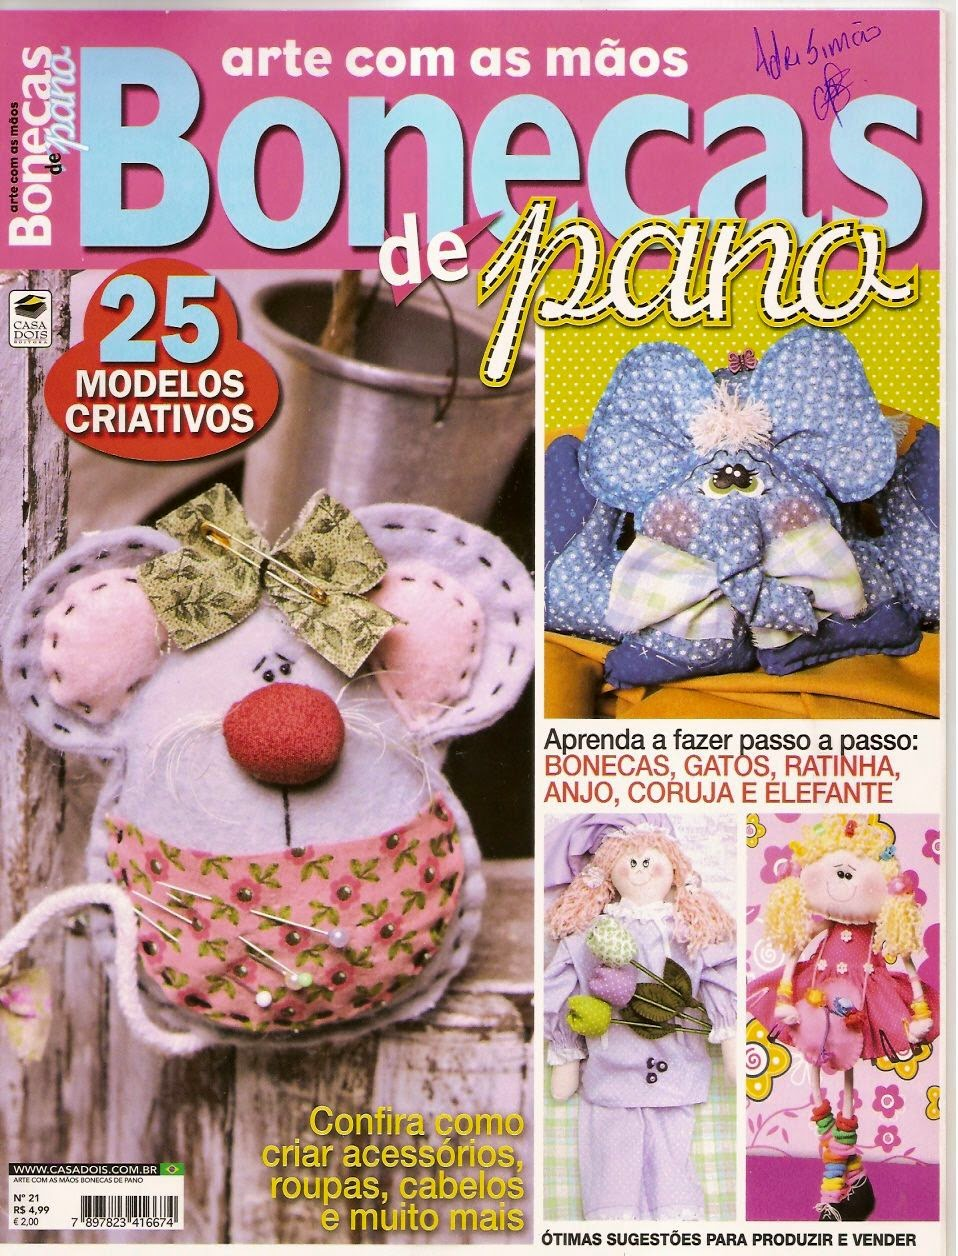 bonecas paso a paso revistas de manualidades gratis On paginas de manualidades gratis